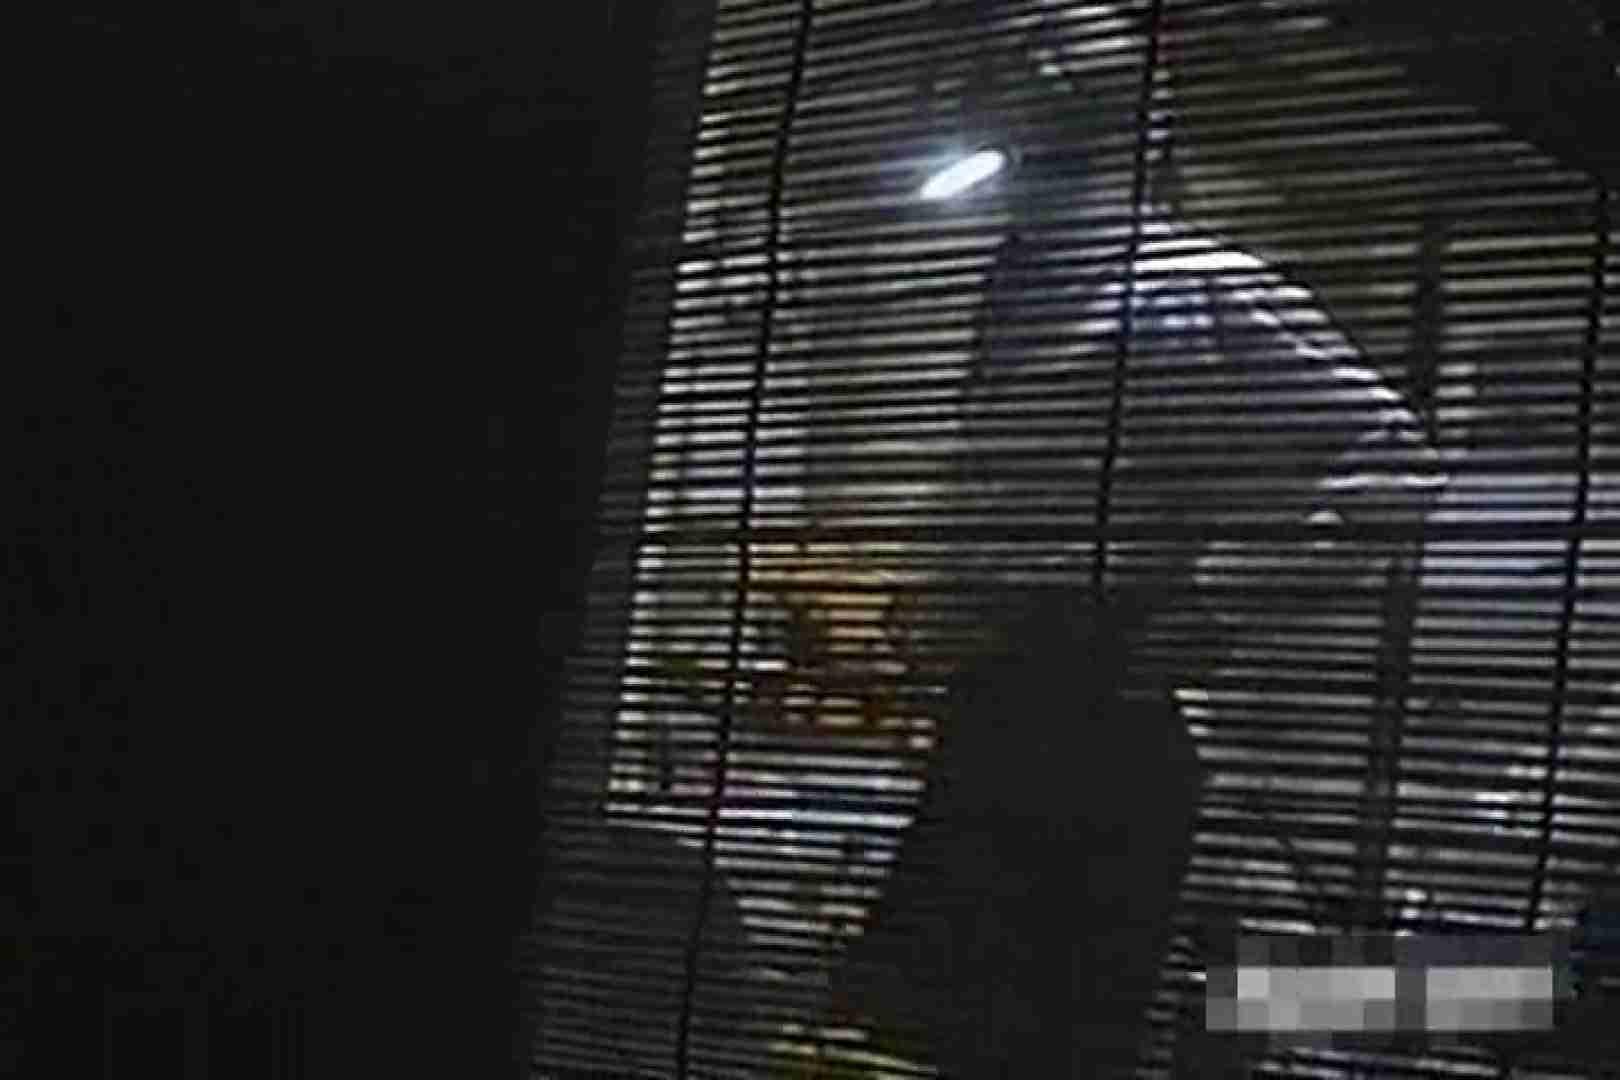 激撮ストーカー記録あなたのお宅拝見しますVol.1 美しいOLの裸体 おまんこ無修正動画無料 98pic 74